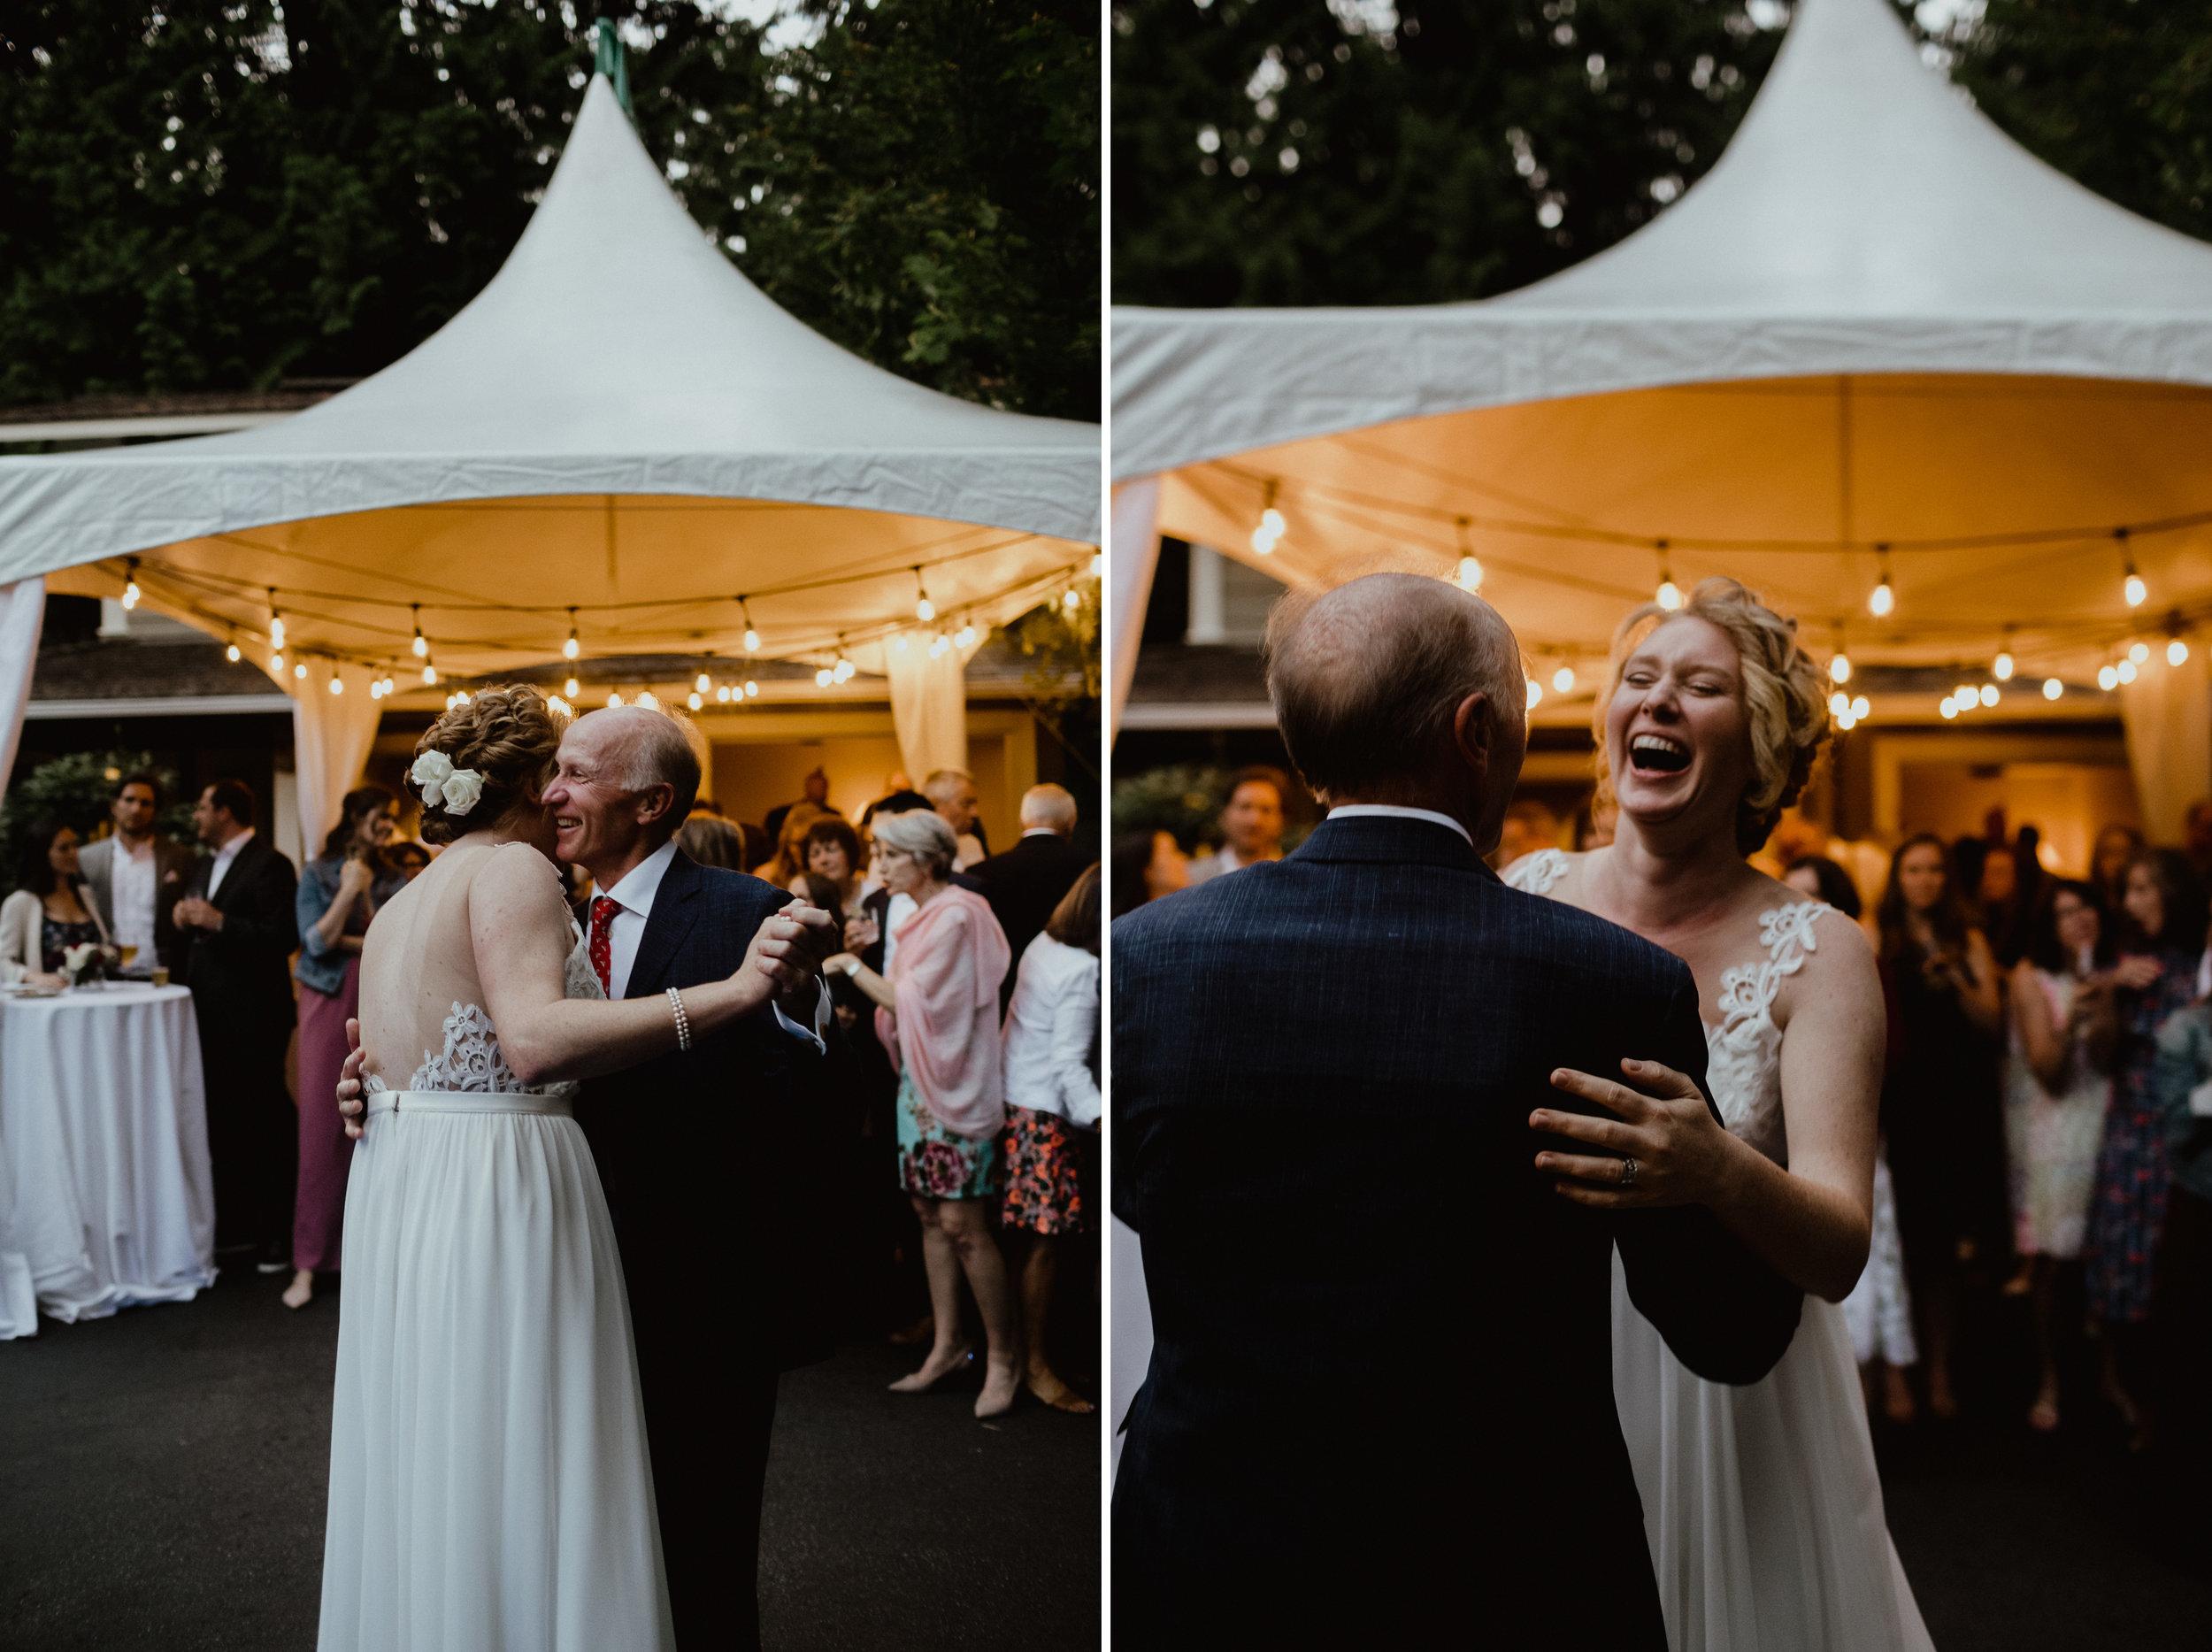 west-vancouver-backyard-wedding-277.jpg